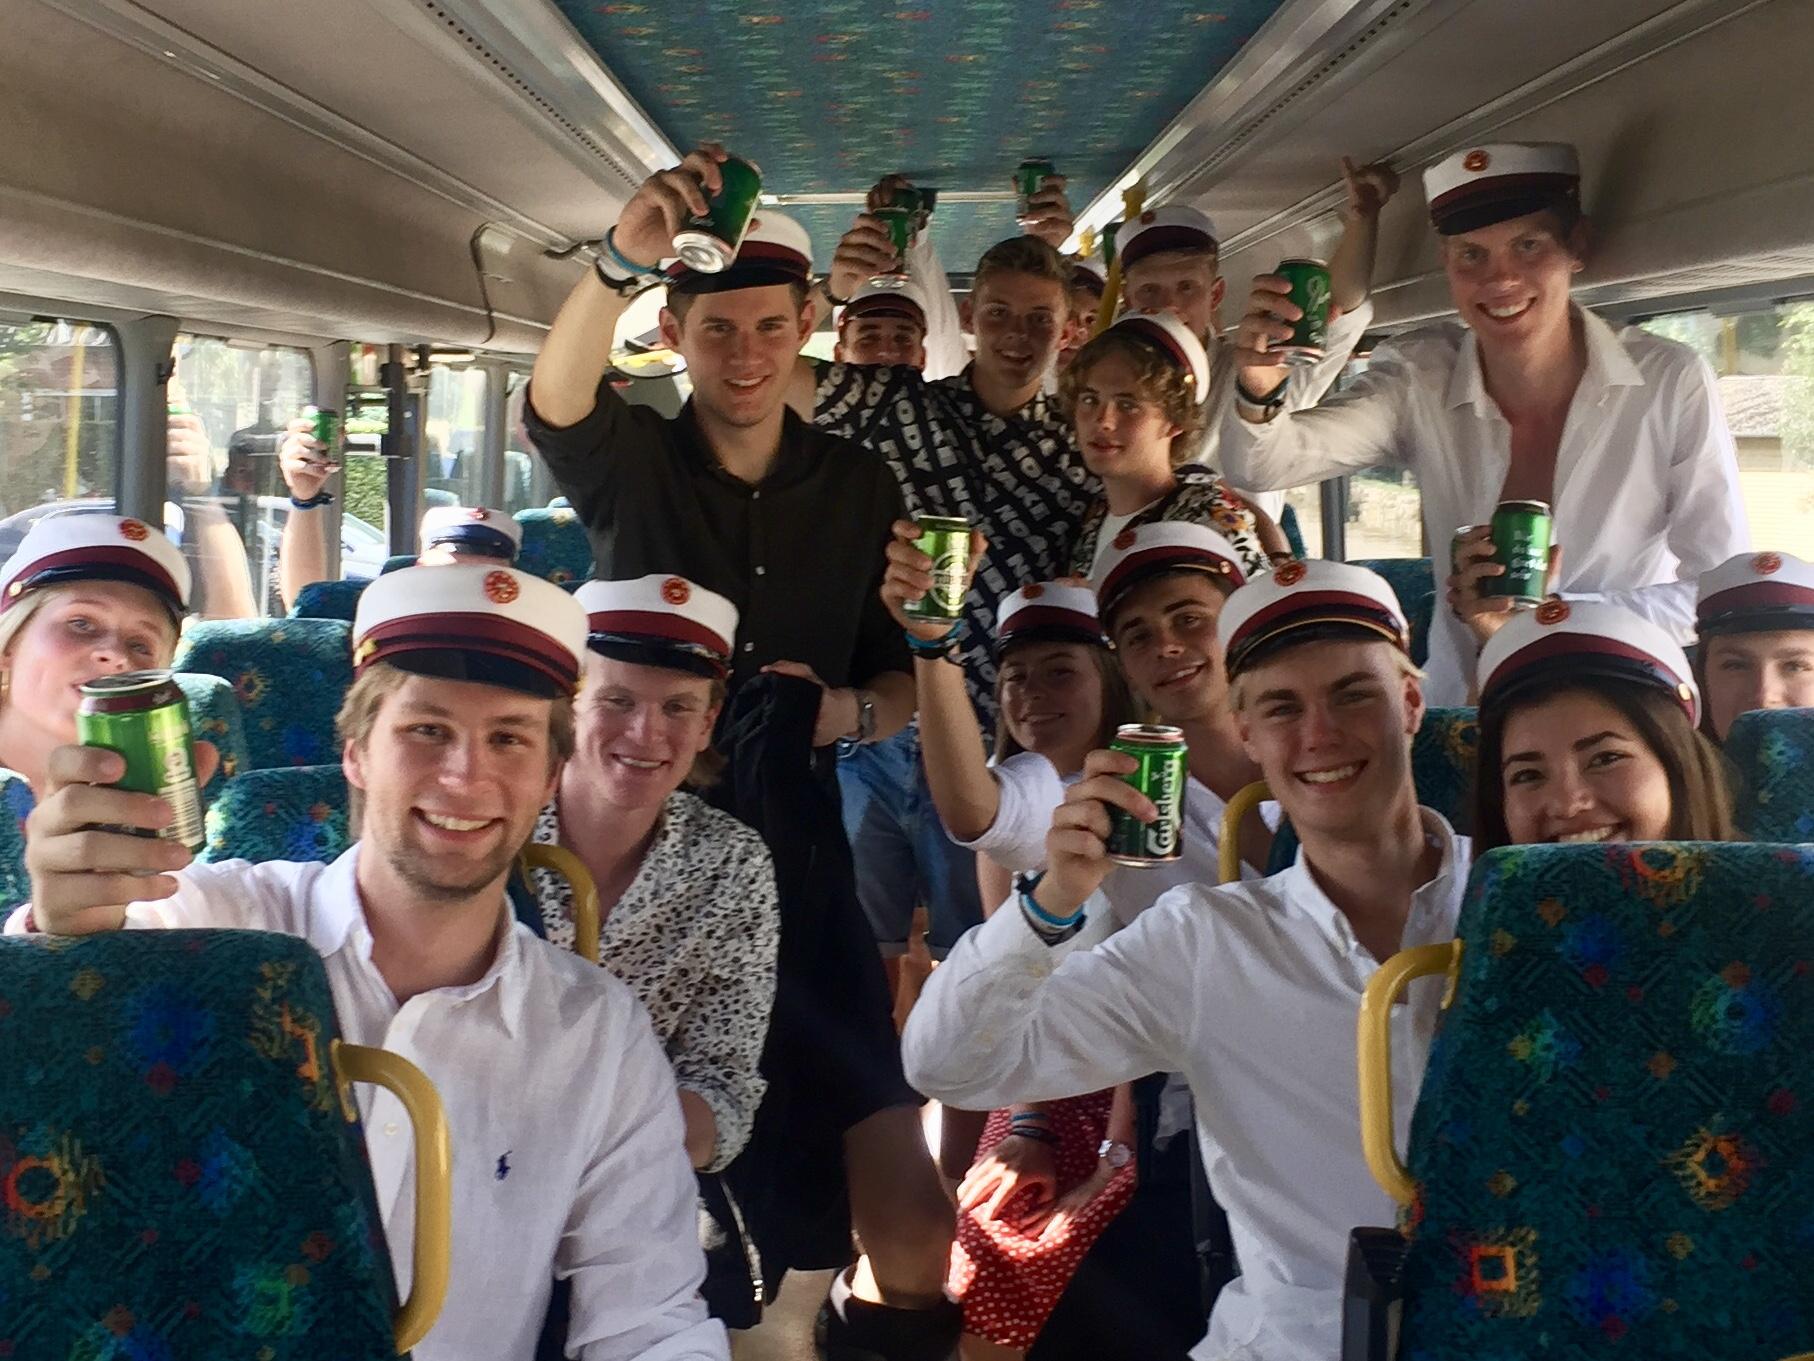 Studenterkørsel i bus 2019